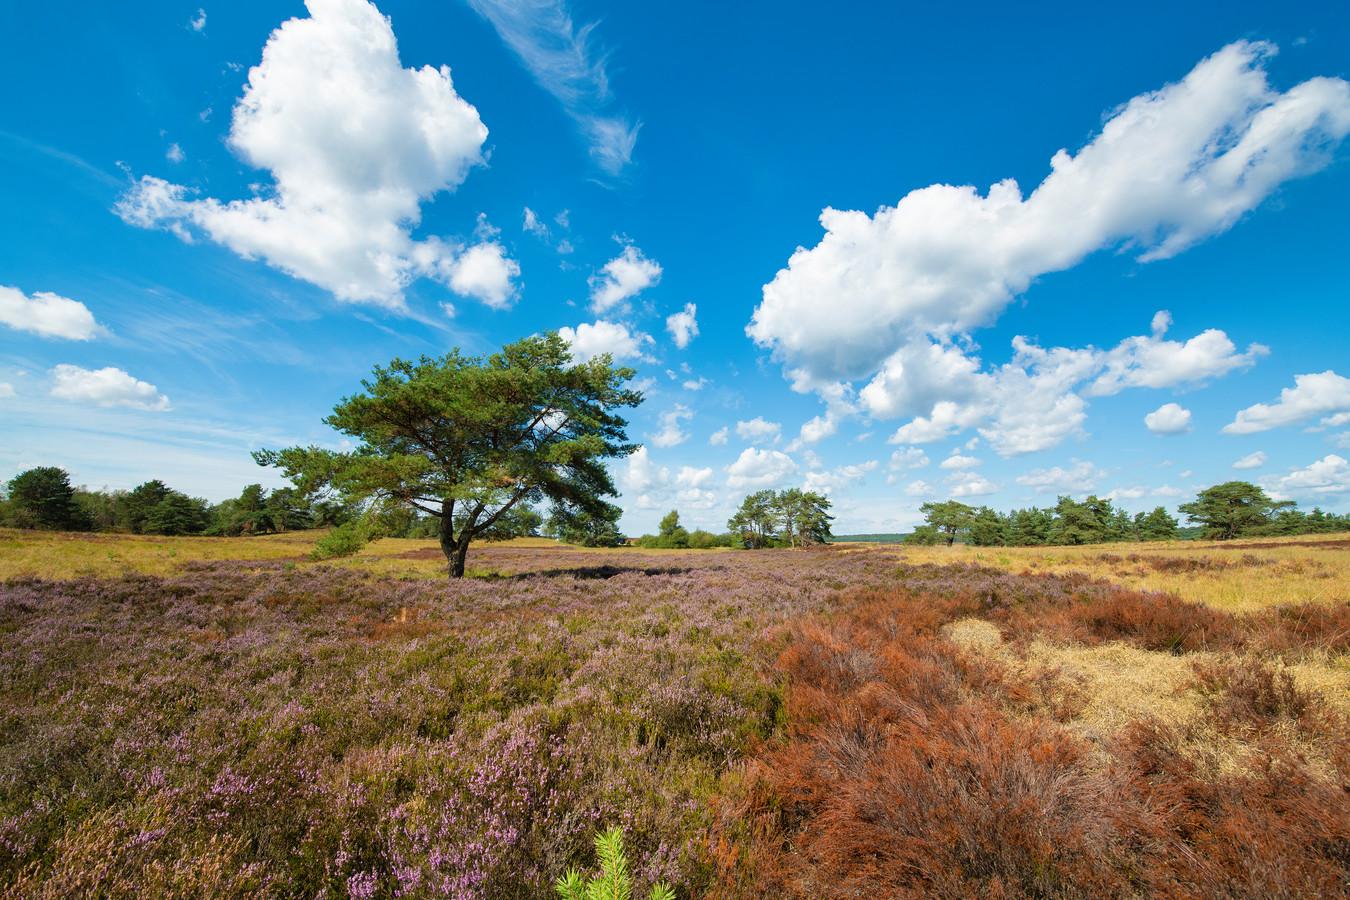 Pas als de neerslag van stikstof onder de afgesproken waarde zit, dan loopt de kwetsbare natuur, zoals hier op de Veluwe bij Hoog Soeren, geen risico.